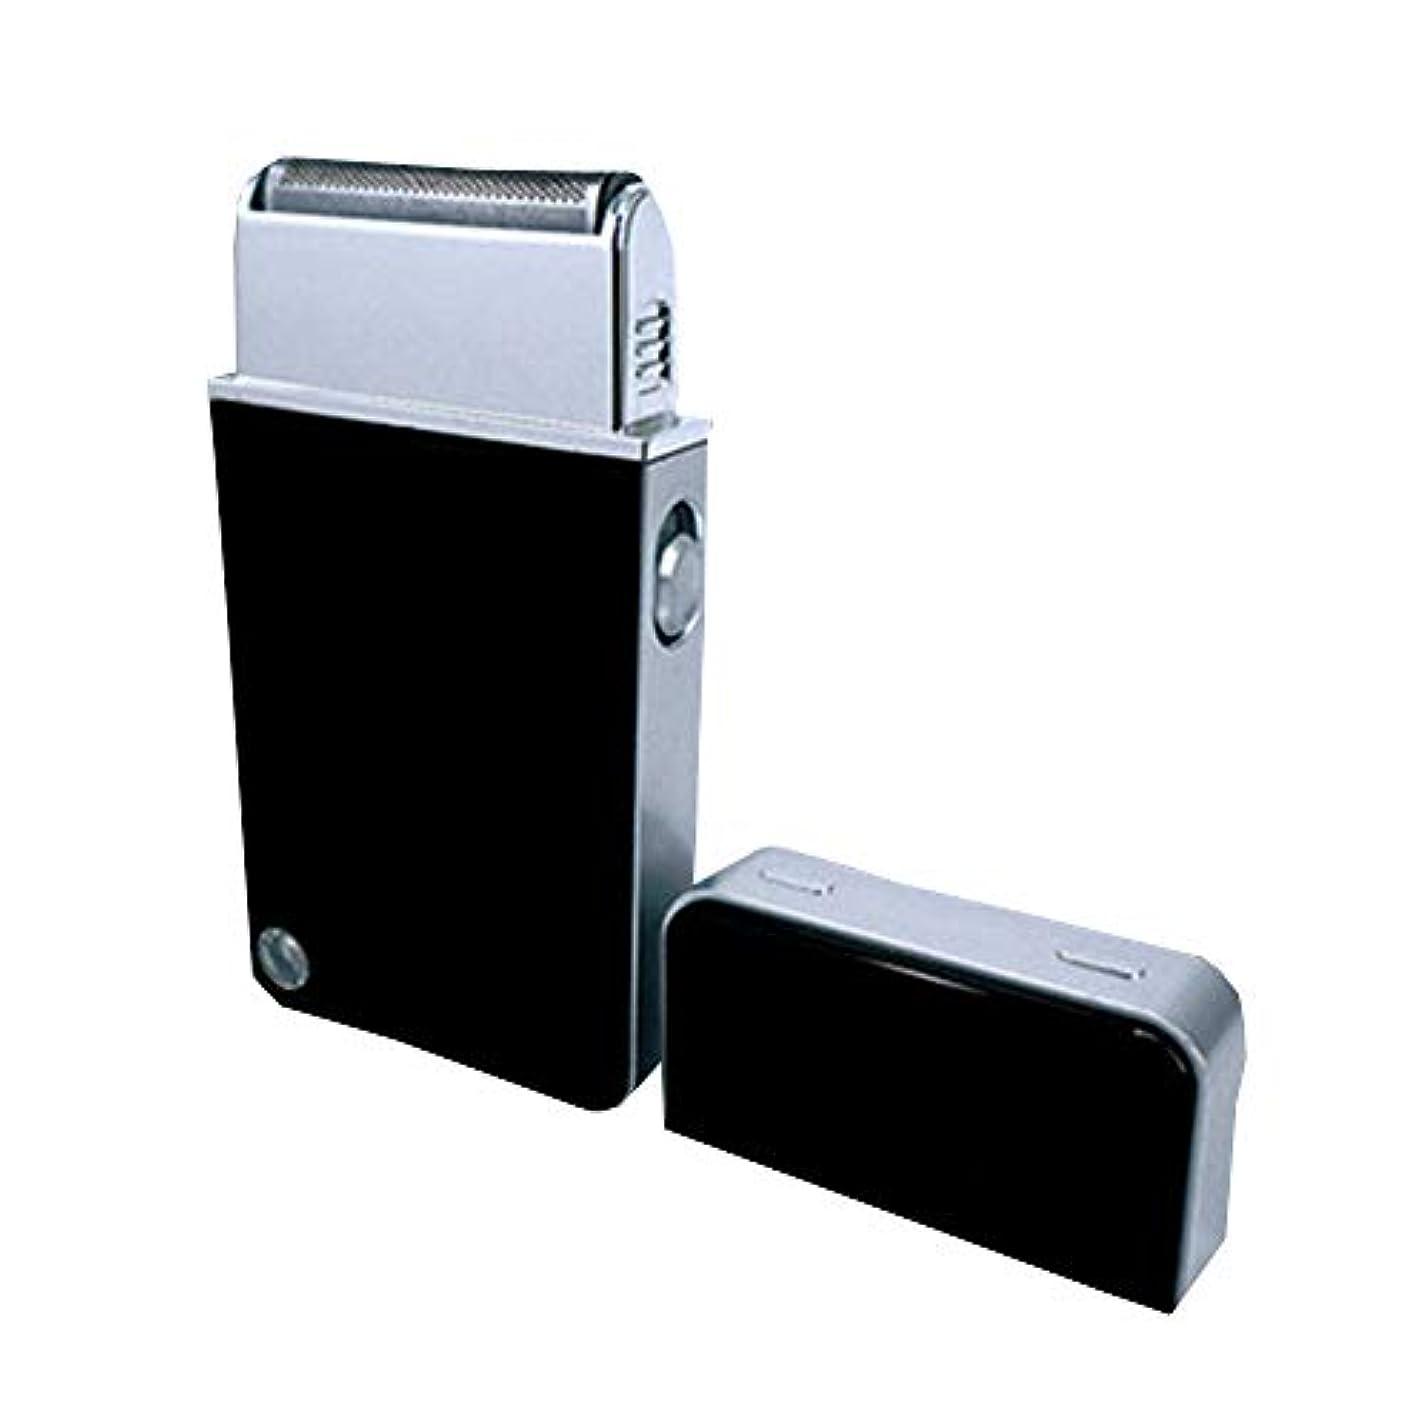 深める気になる流行しているメンズシェーバー USB充電式 電気シェーバー ひげ剃り コンパクト 携帯用シェーバー 旅行用 軽量 ギフトCSH004